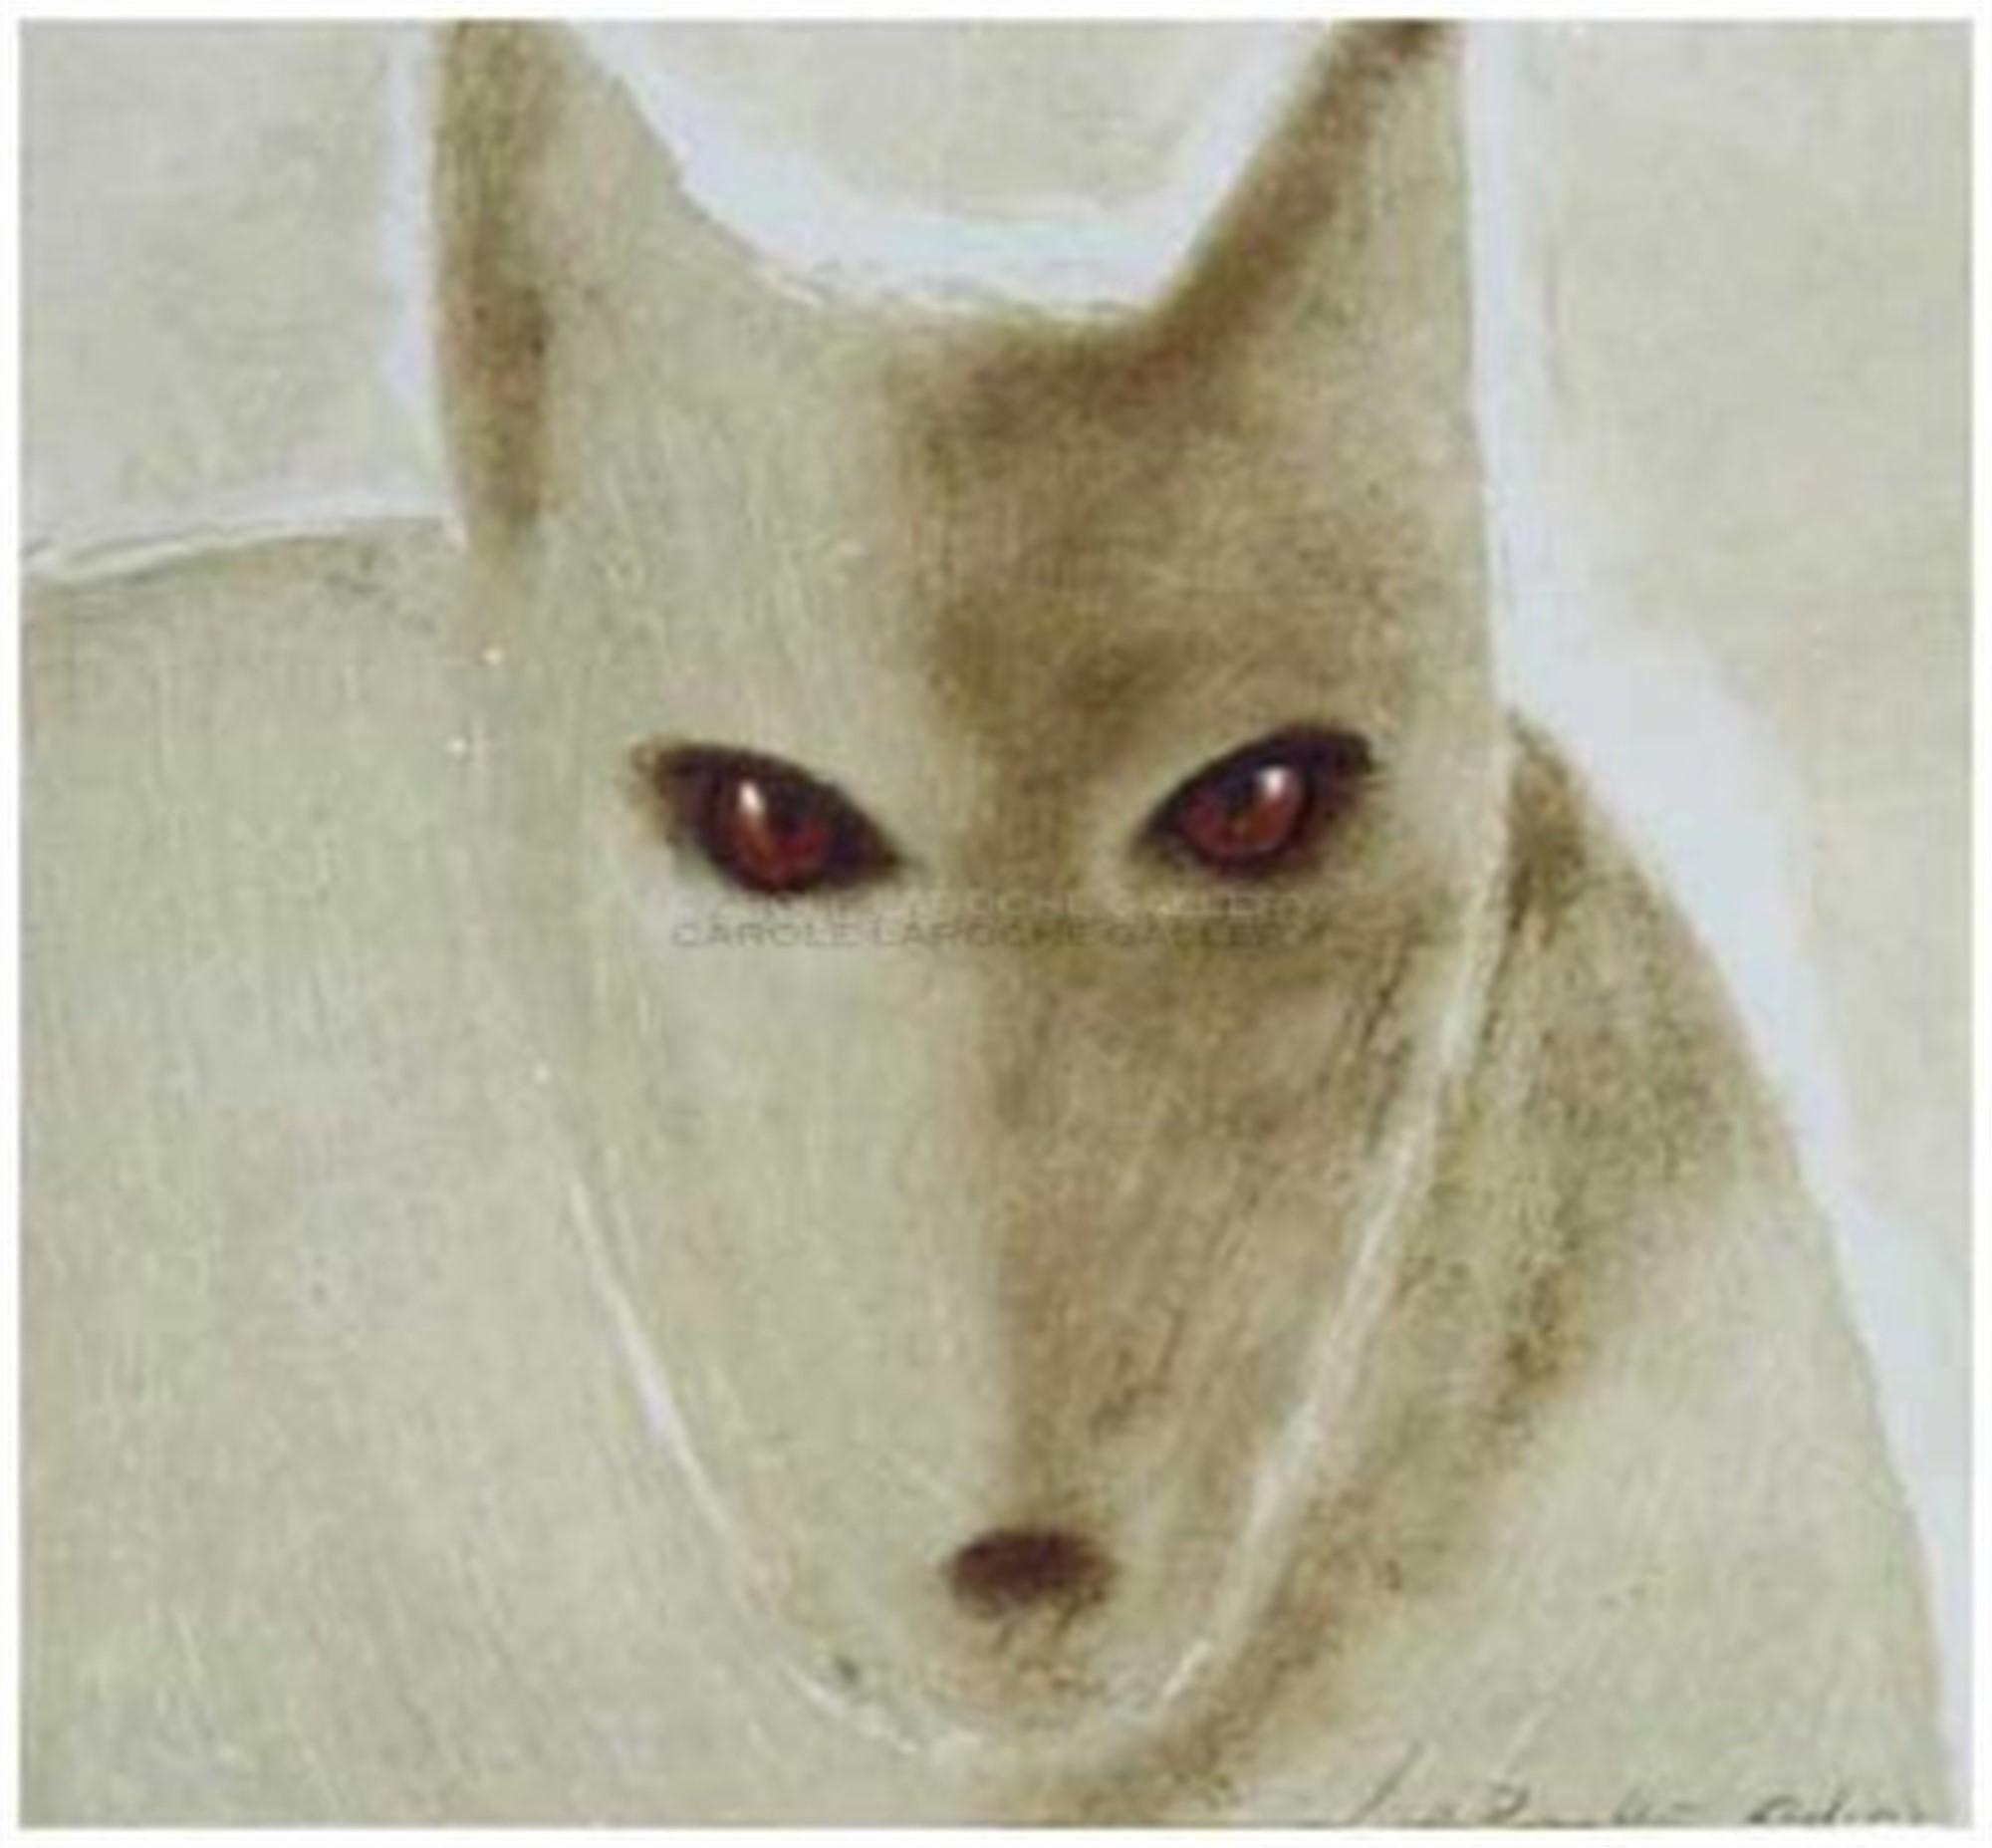 Grey Wolf by Carole LaRoche